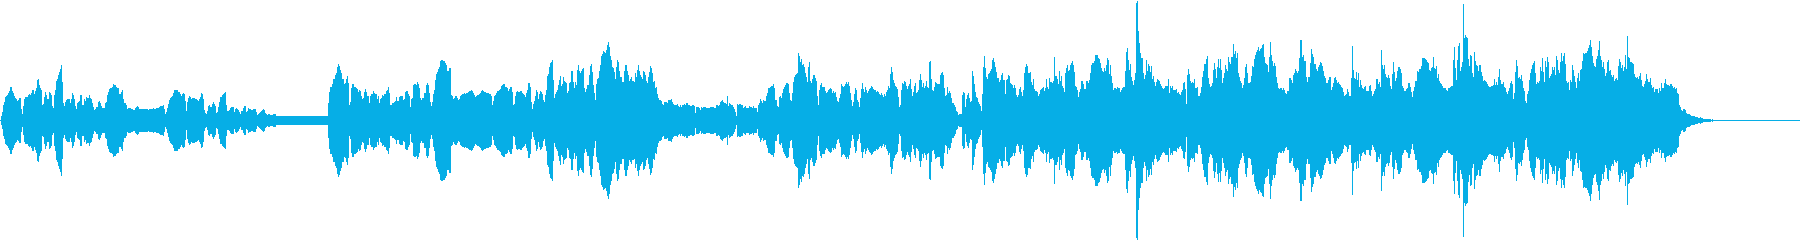 ほのぼのした雰囲気の管弦アンサンブルの再生済みの波形